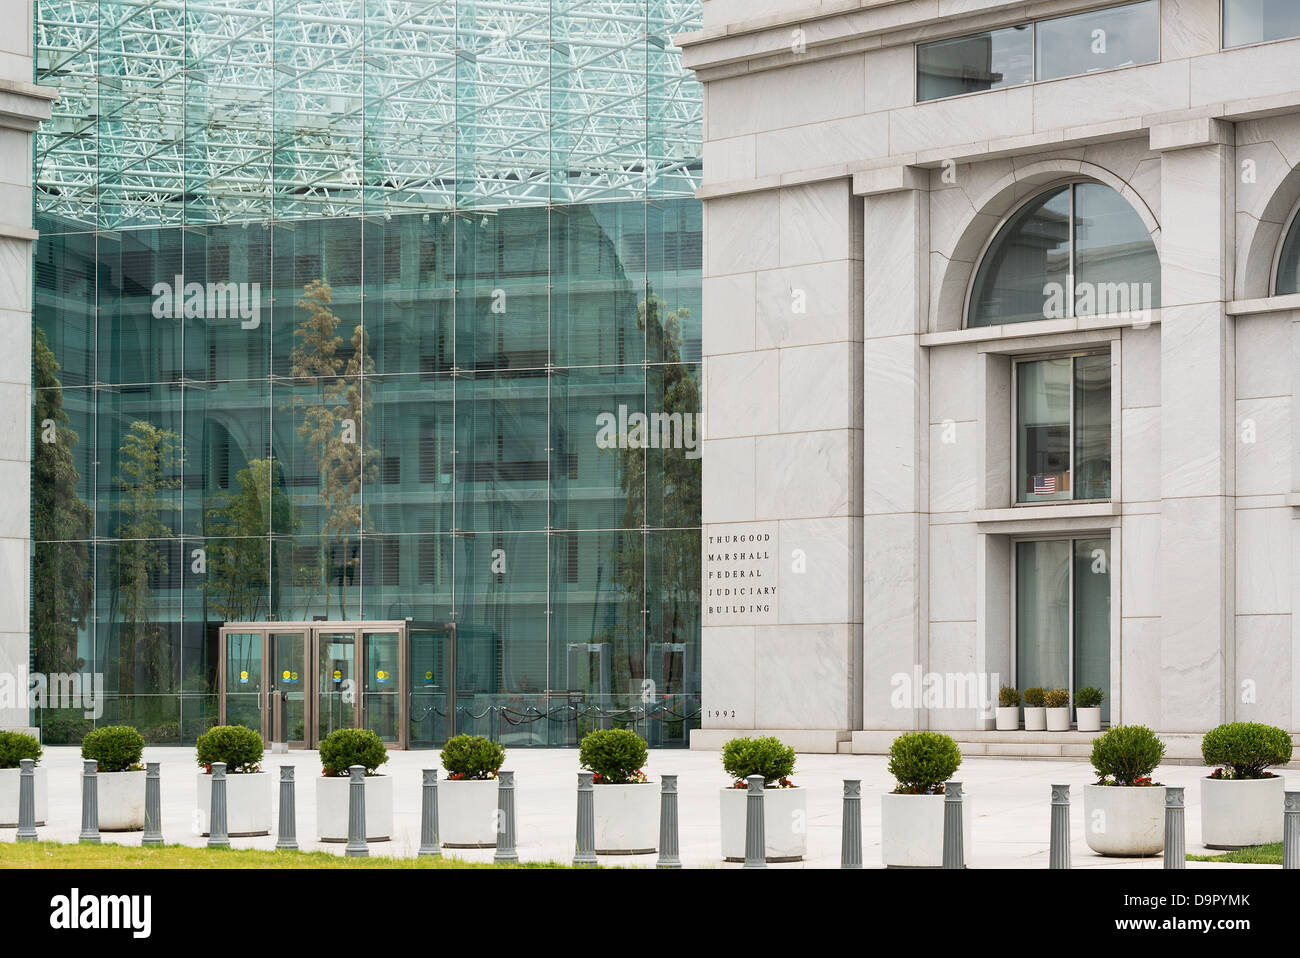 Thurgood Marshall Federal Judiciary Building, Washington DC, USA - Stock Image